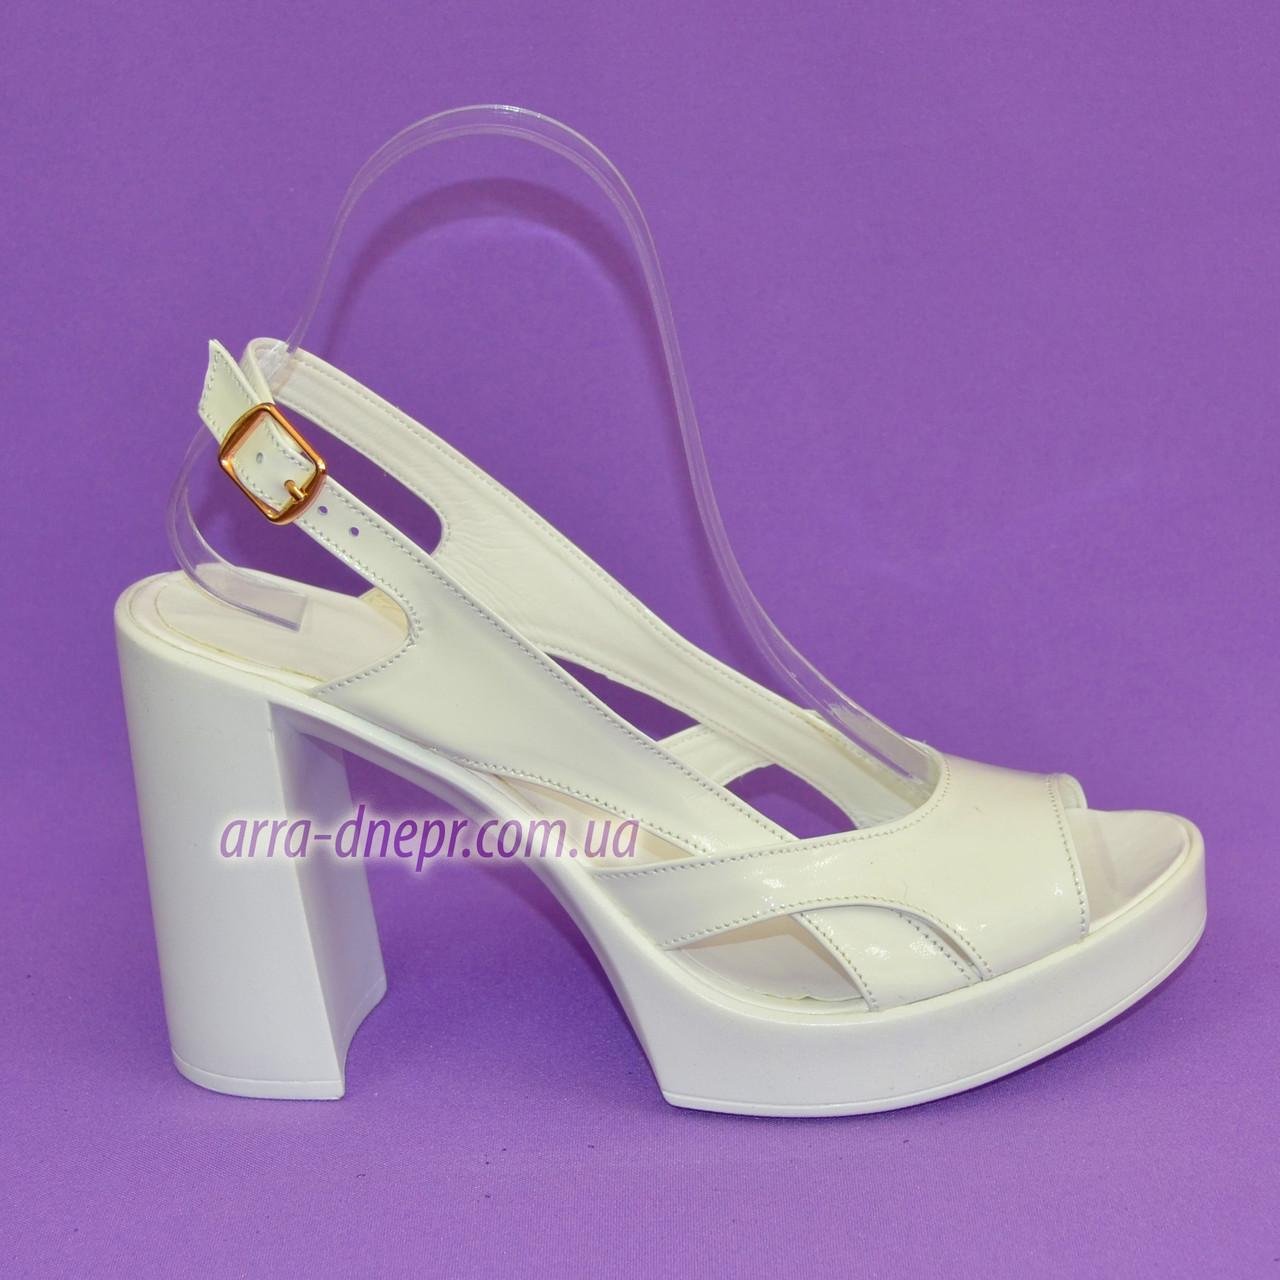 Женские белые лаковые босоножки на высоком каблуке